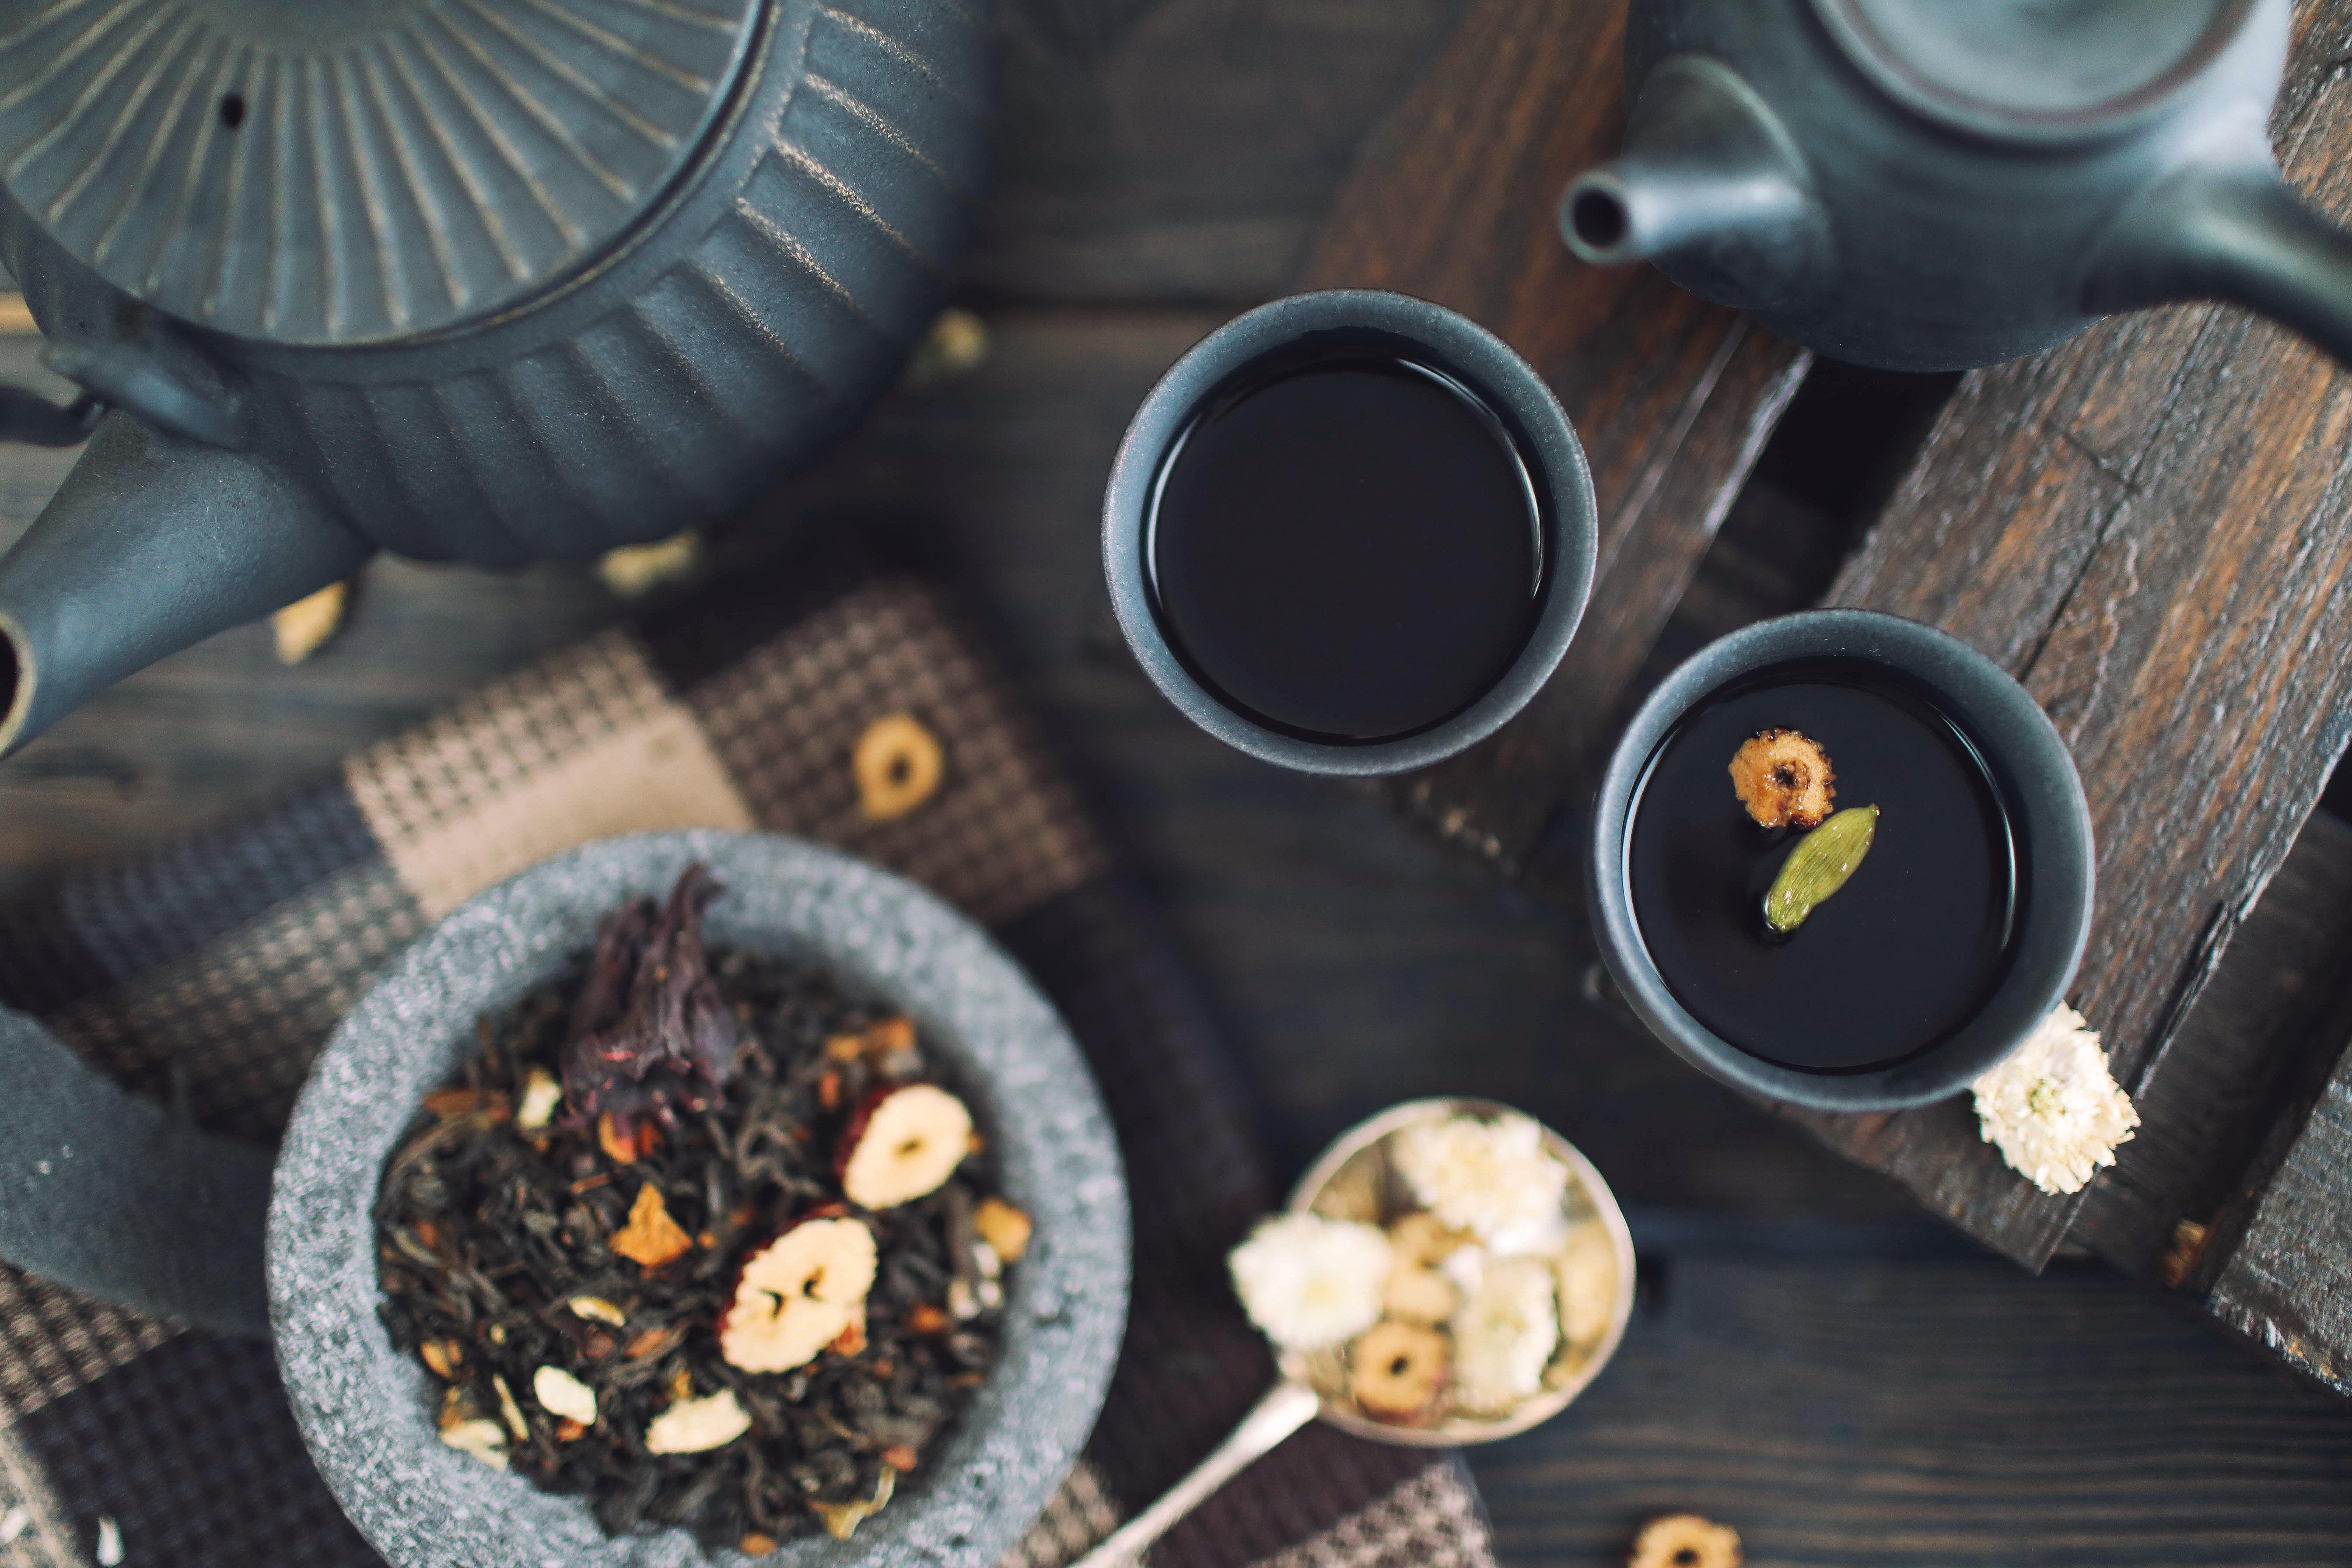 Kräutertee: lose Kräuter neben zwei Teetassen und -kanne.